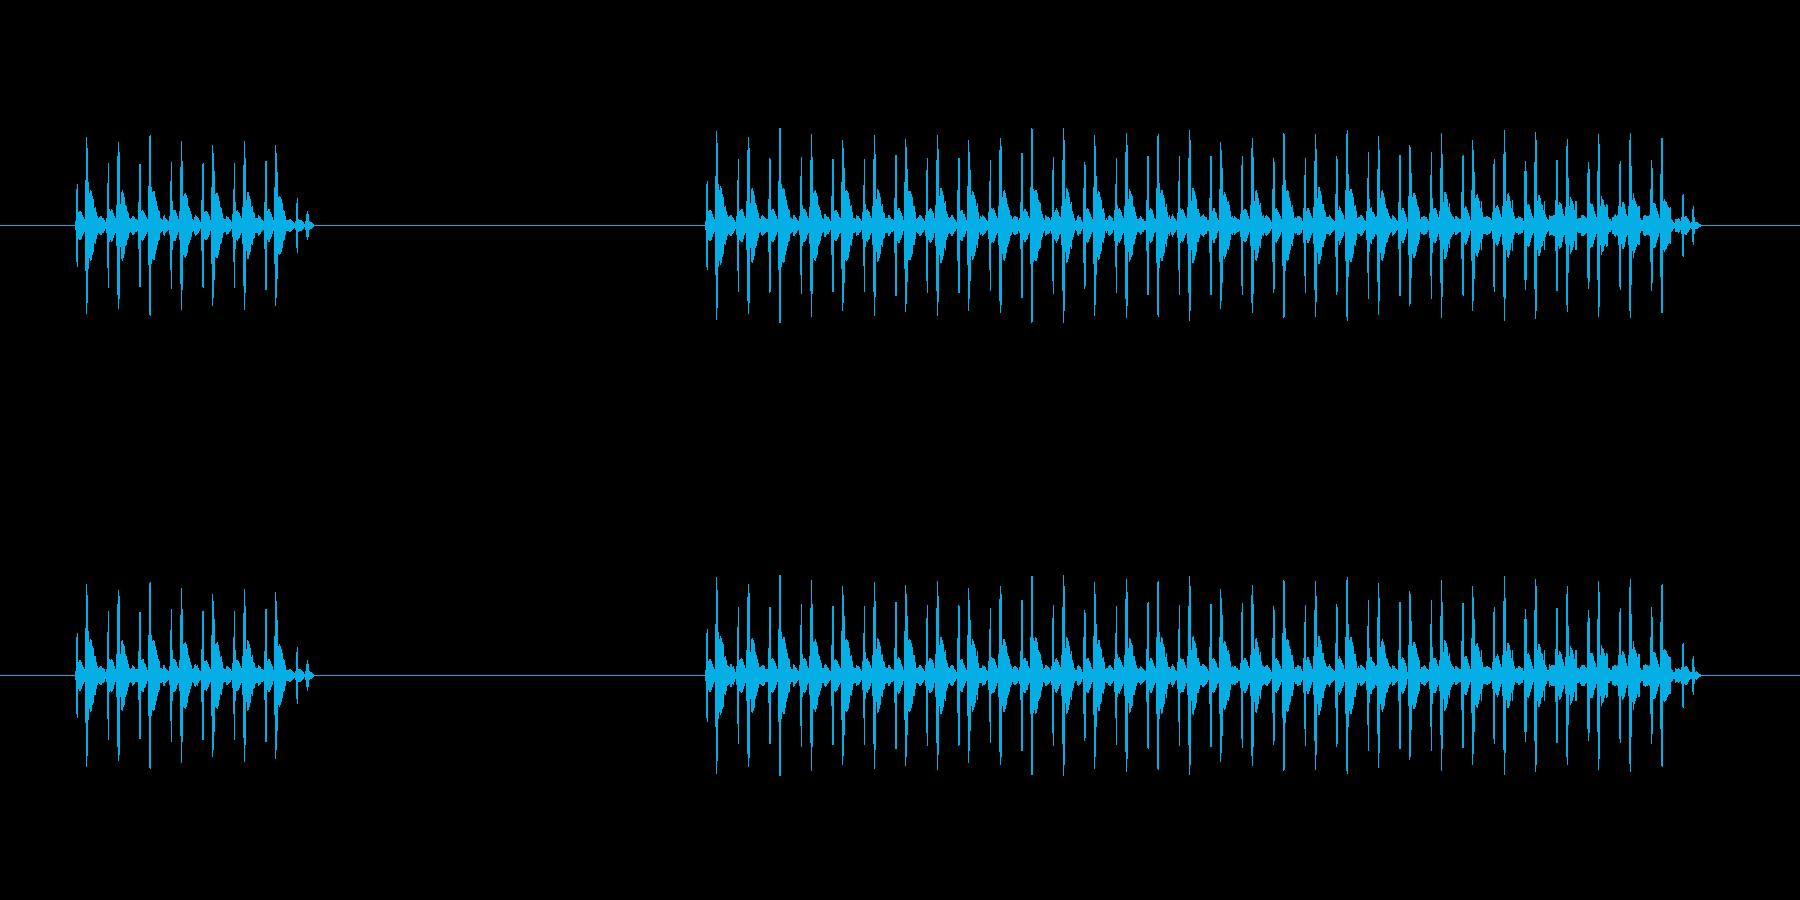 ゲーム、クイズ(ブー音)_004の再生済みの波形